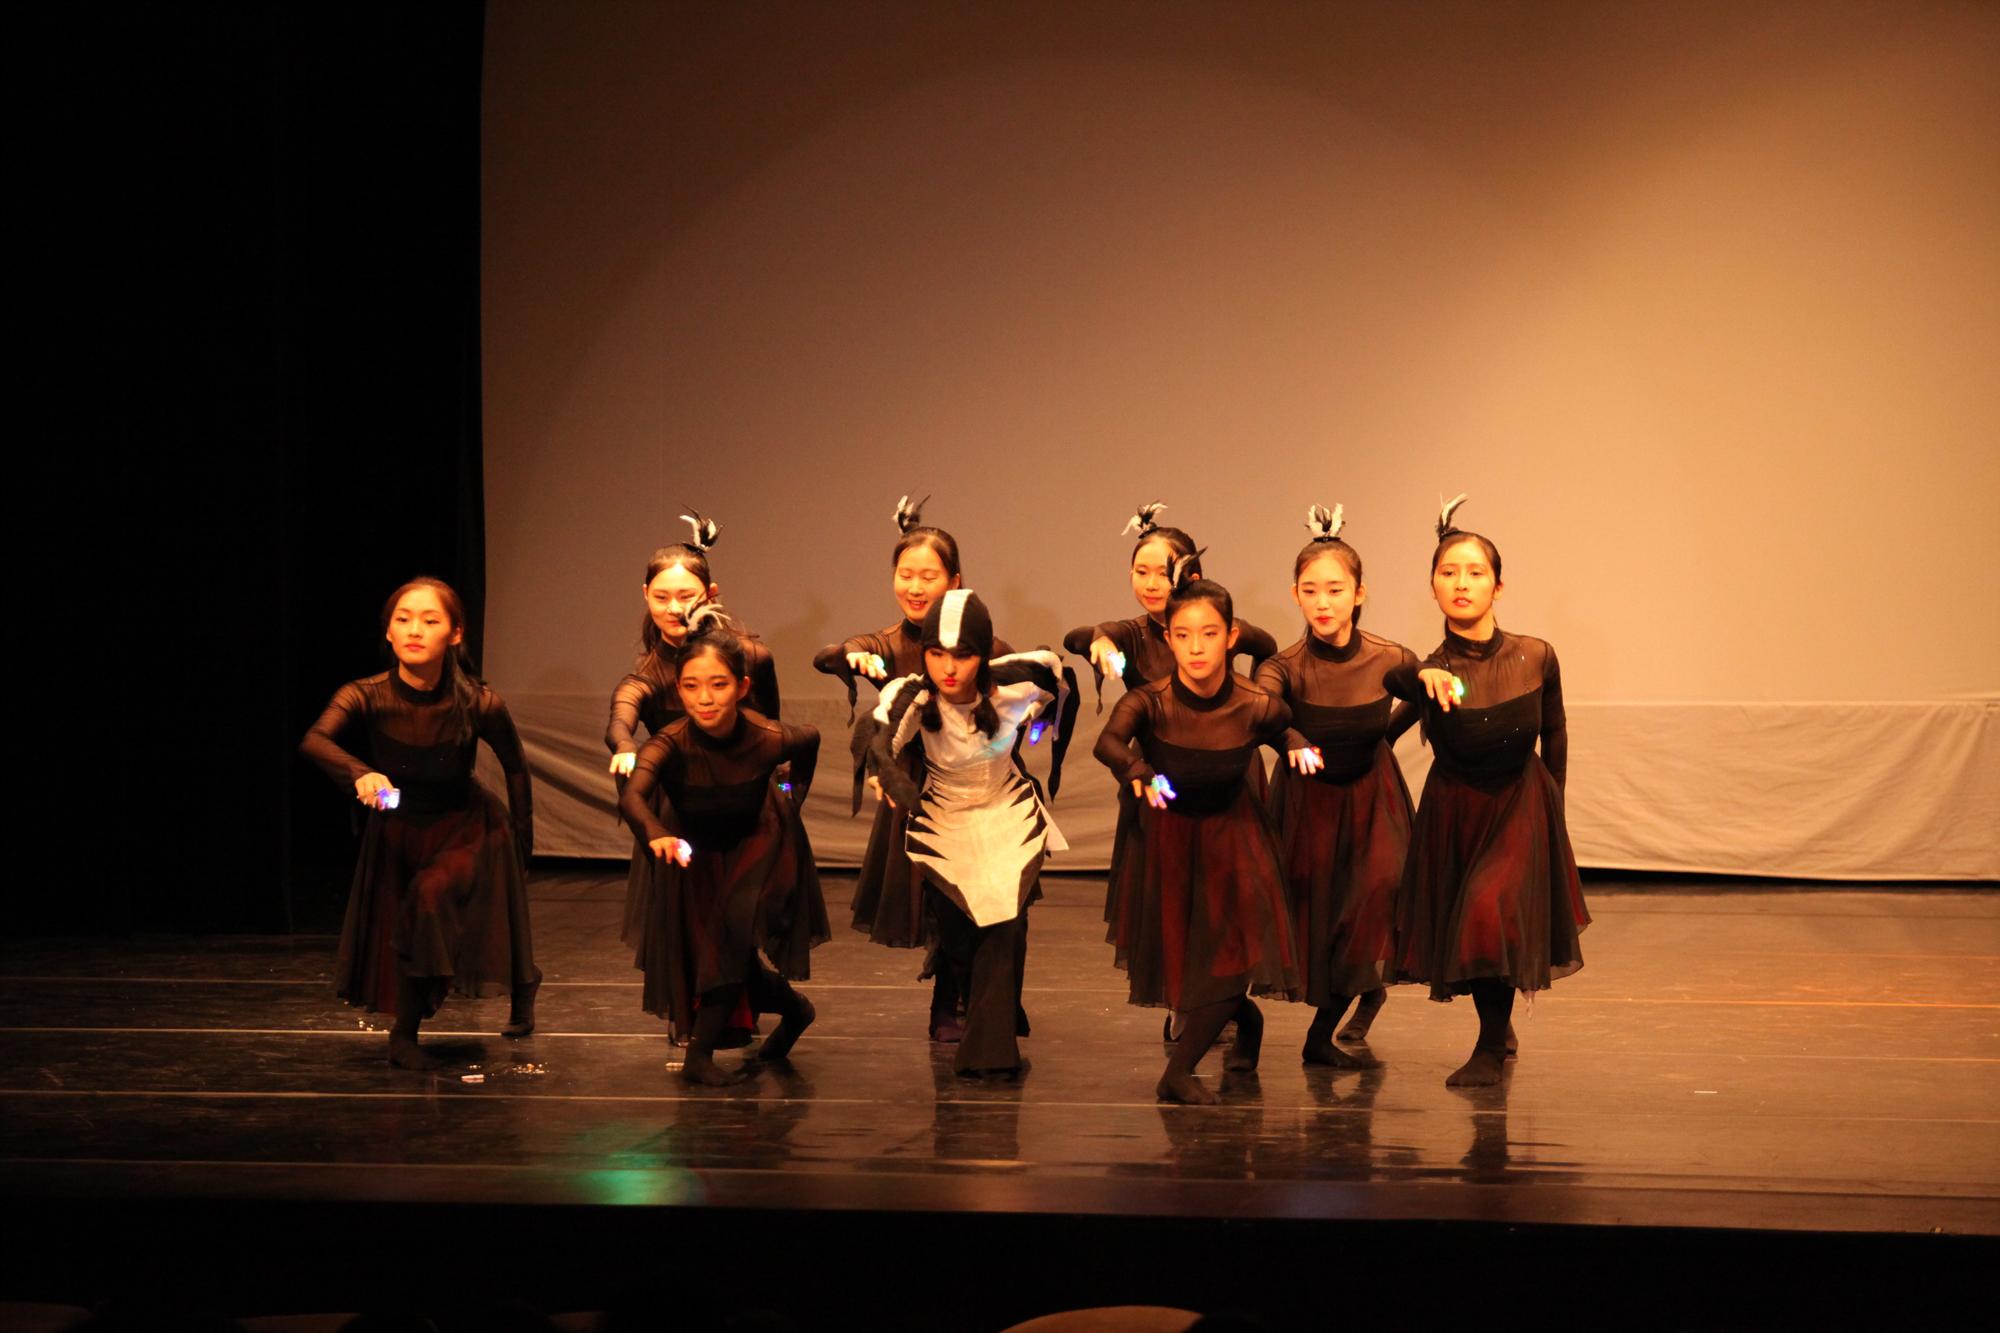 2014년 제6회 창작발표회 (Korean dance A) 첨부이미지